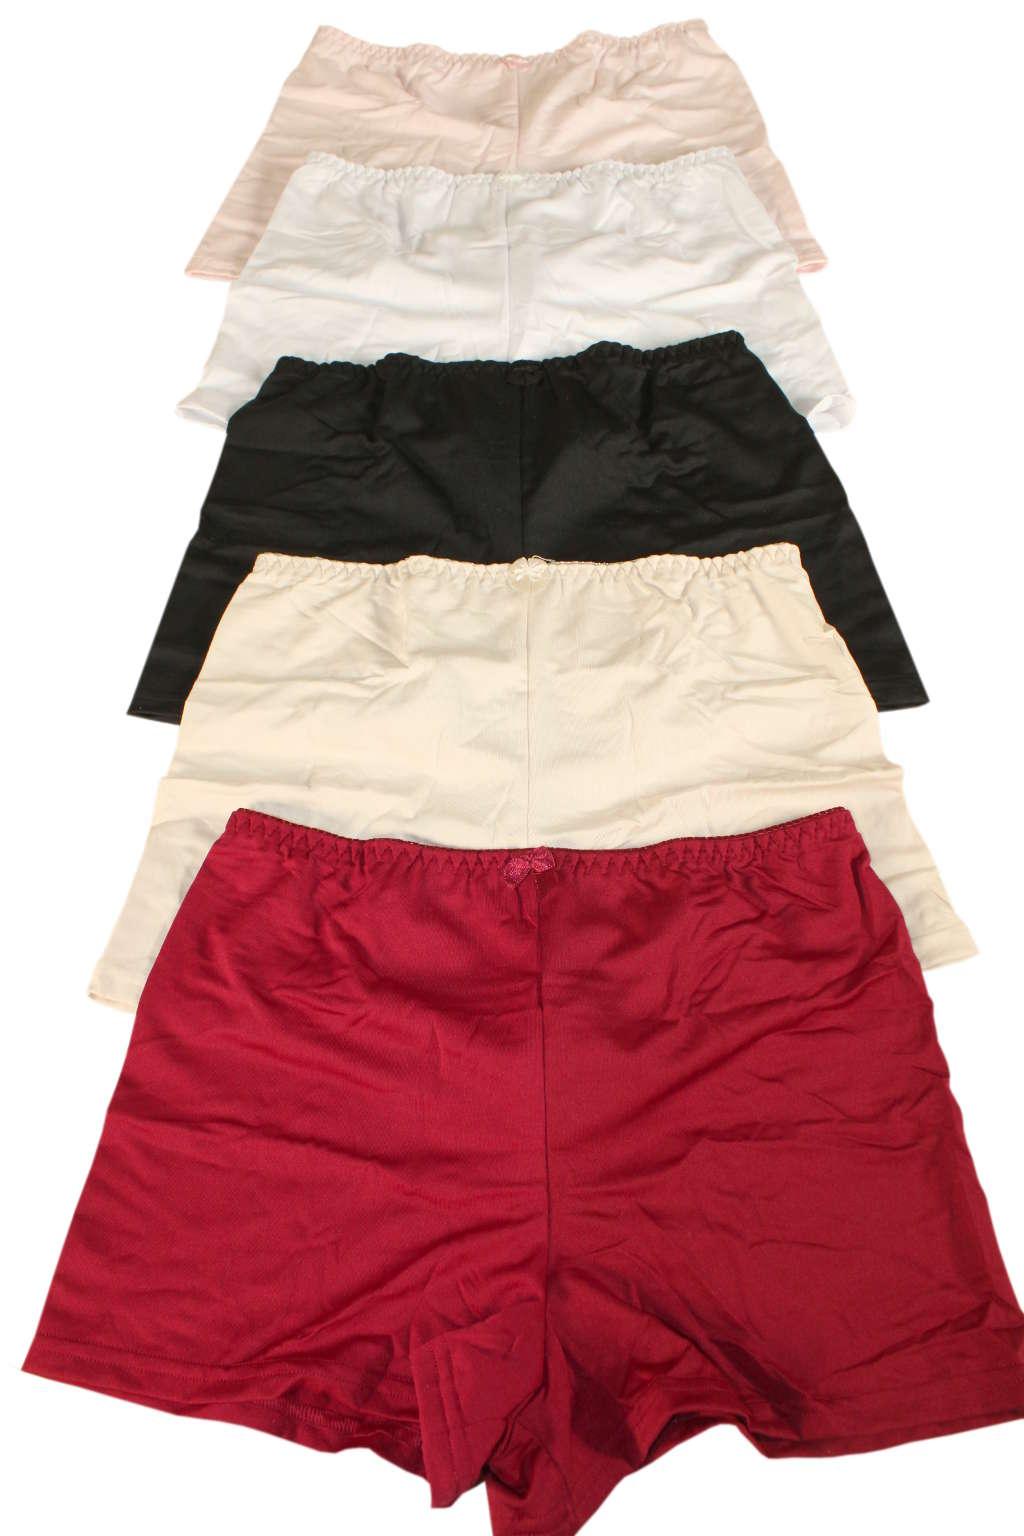 Stripes spodní kalhotky dámské - 3bal M MIX